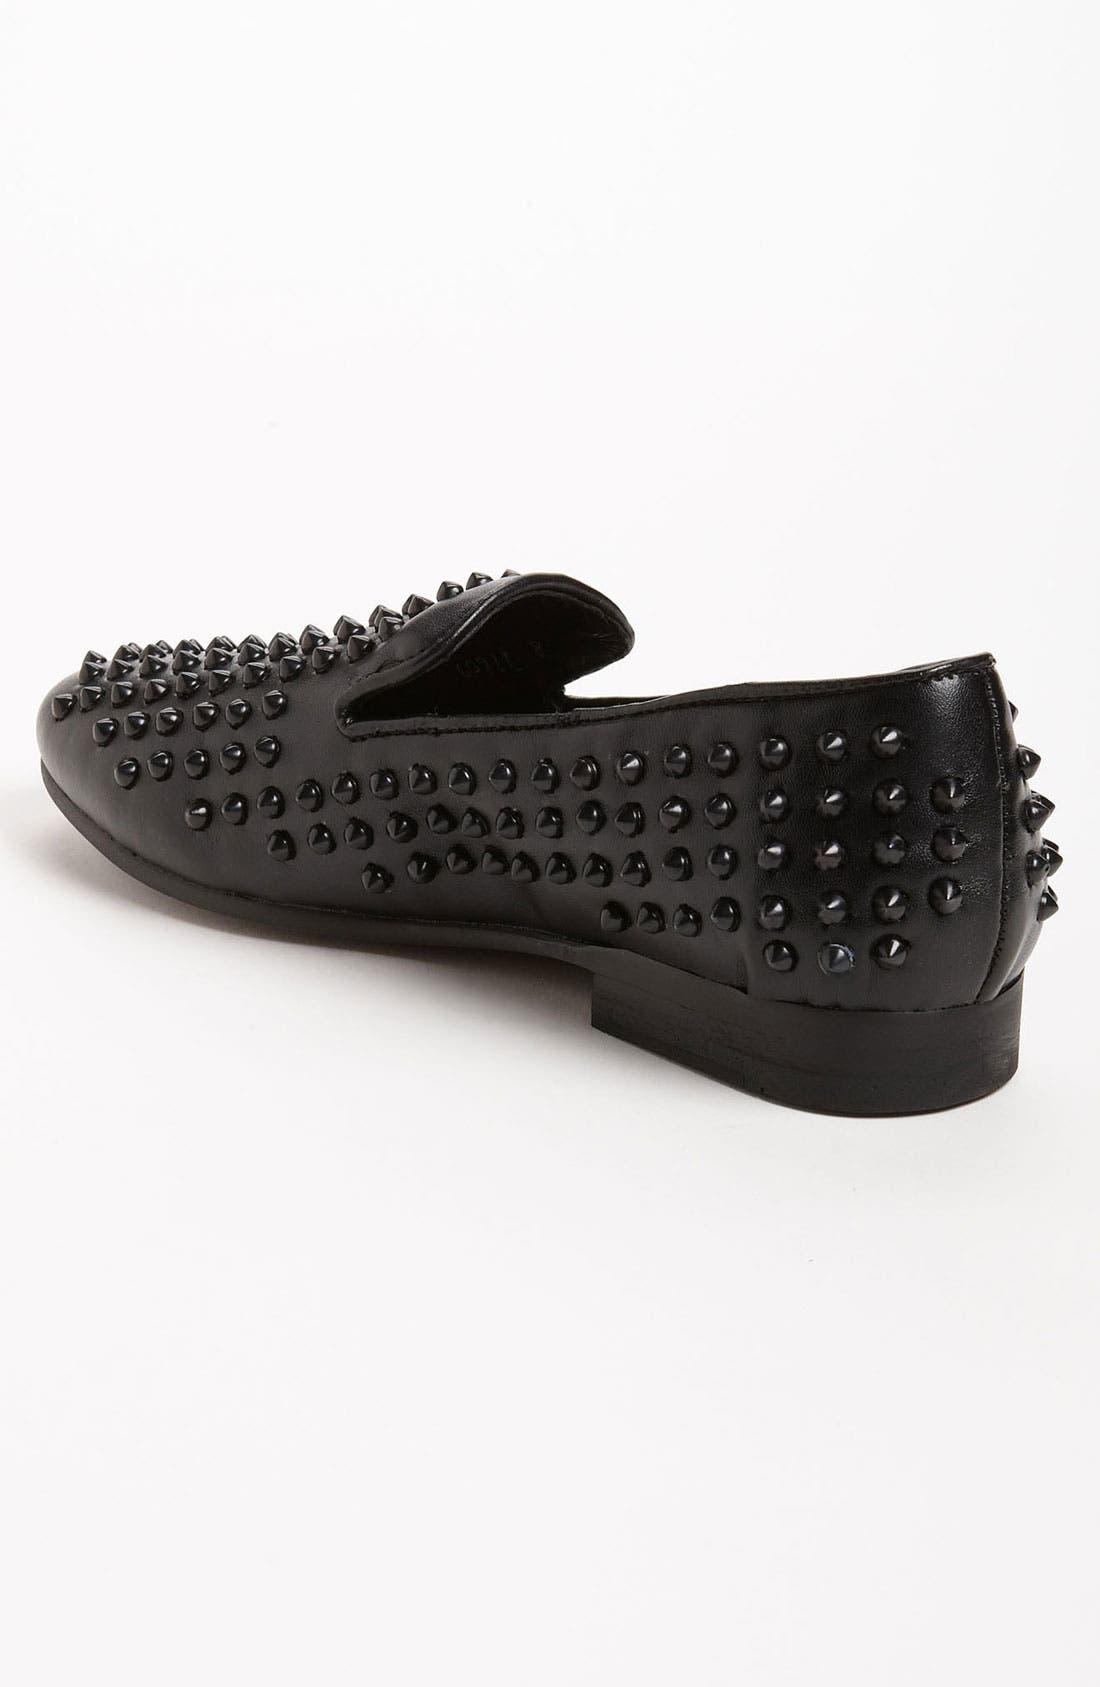 STEVE MADDEN, 'Jagggrr' Studded Loafer, Alternate thumbnail 2, color, 012